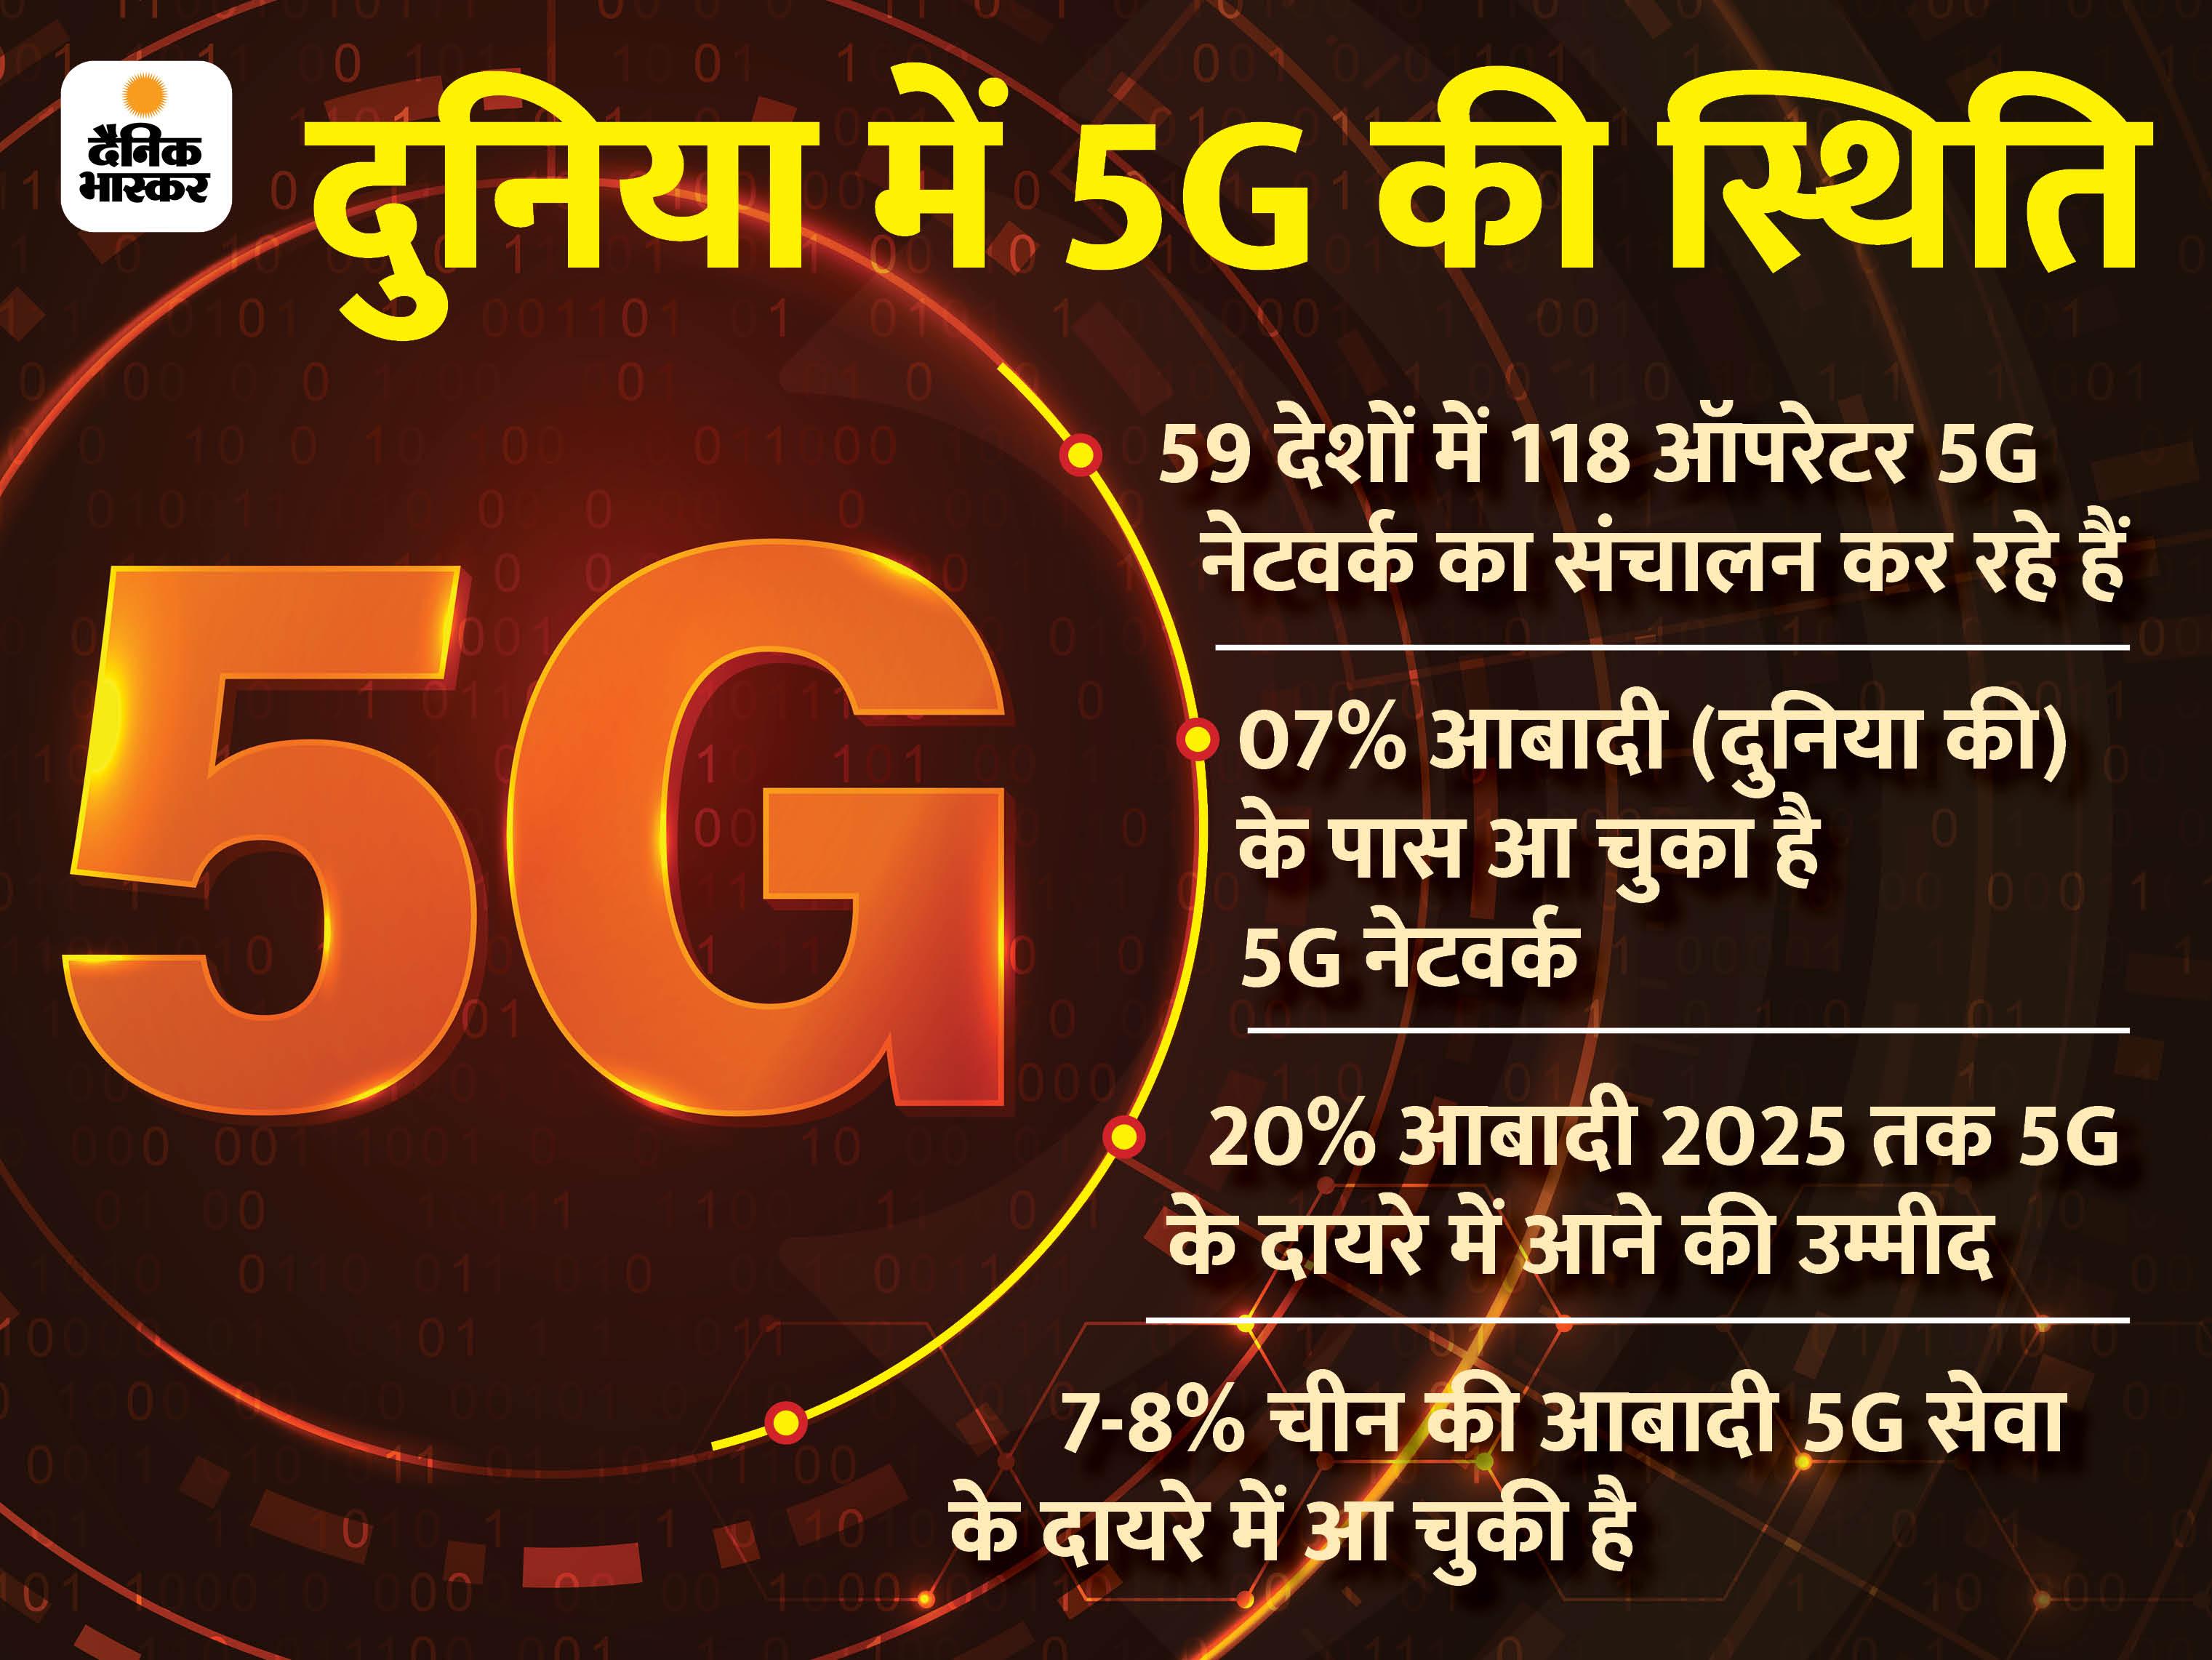 5G का ट्रायल अगले 2 -3 महीनों में, जियो और एयरटेल सबसे पहले लॉन्च कर सकते हैं सेवा|टेक & ऑटो,Tech & Auto - Dainik Bhaskar